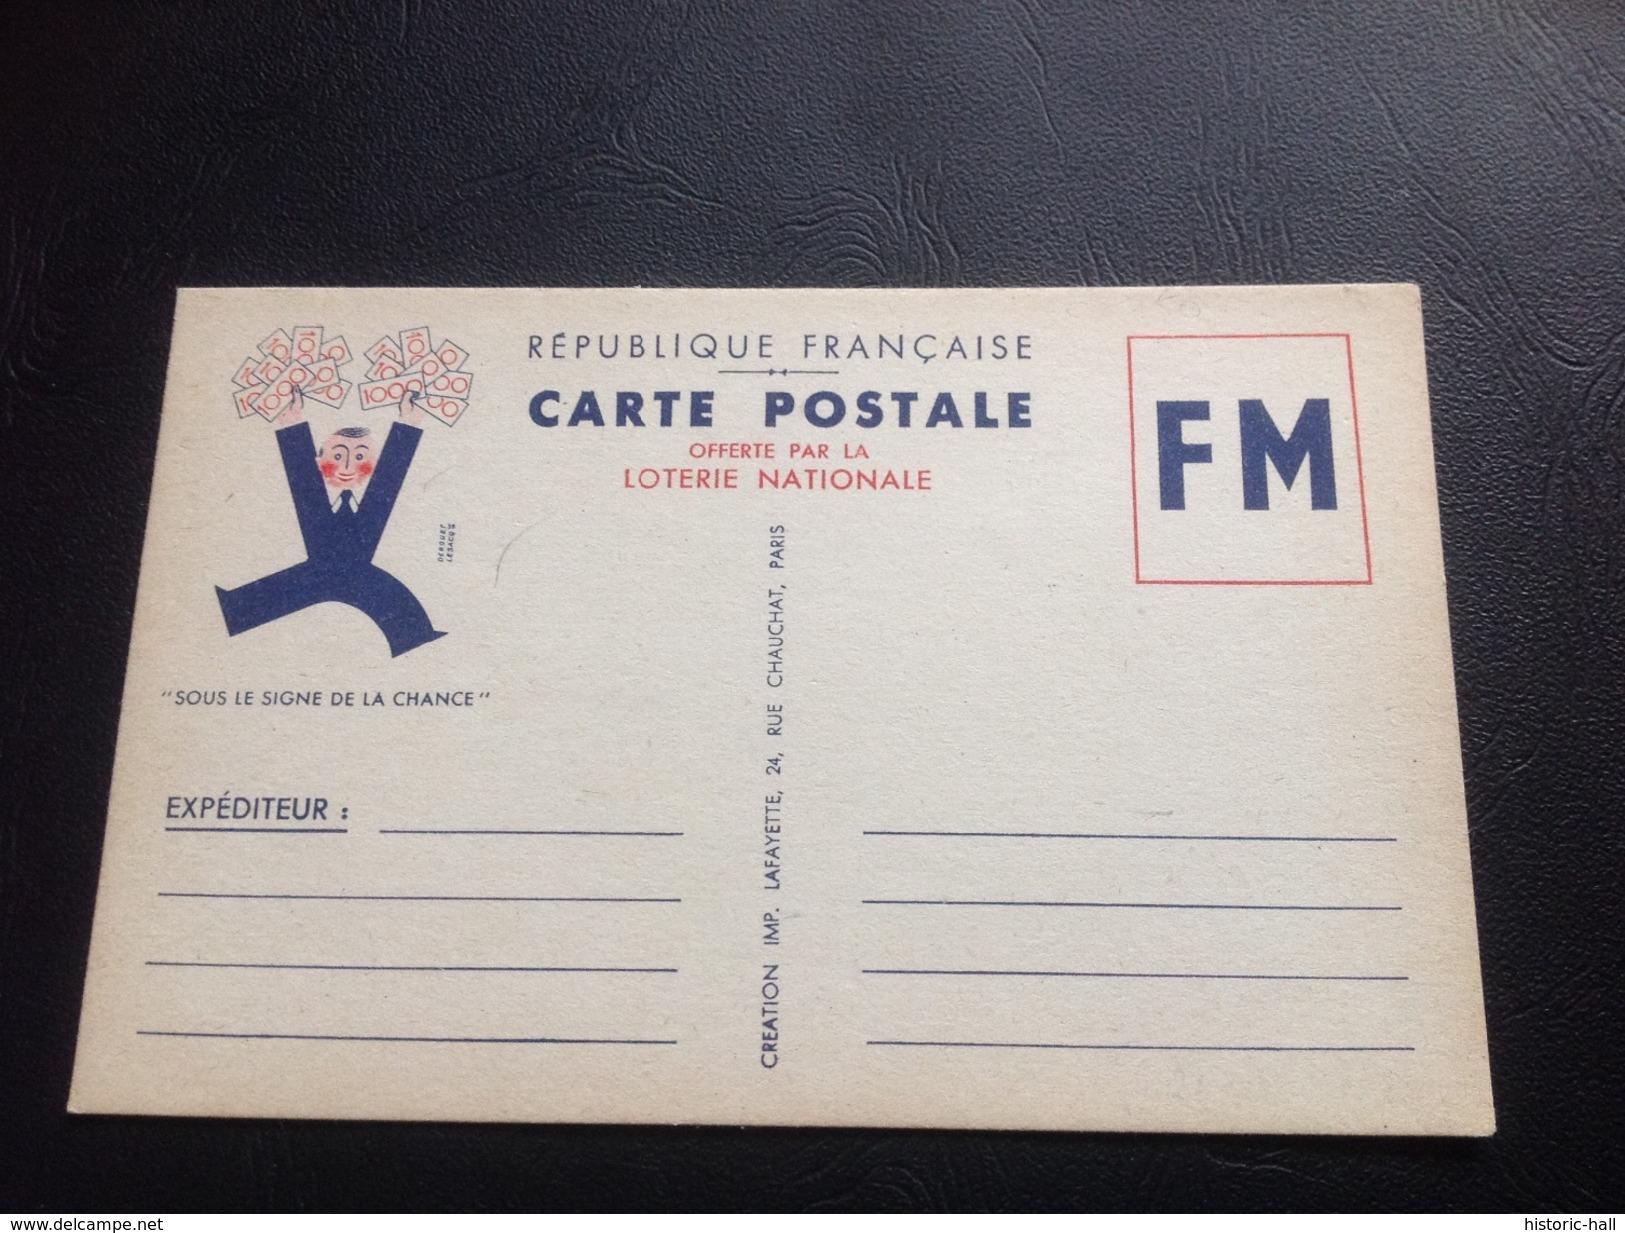 Carte Postale Offerte Par LA LOTERIE NATIONALE - Franchise Militaire - 1939-1945 - Marcophilie (Lettres)